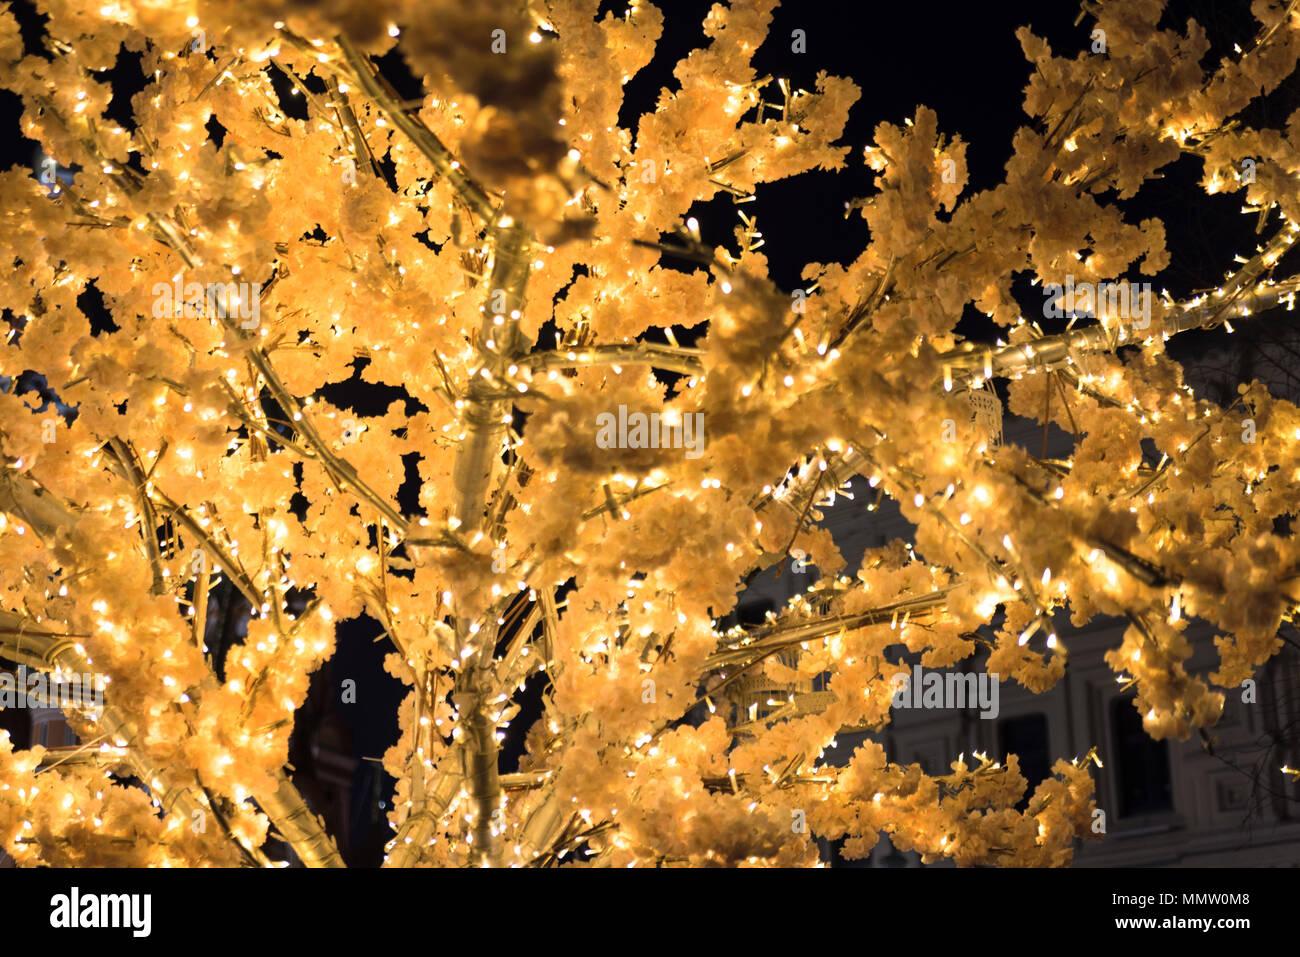 Weihnachtsbeleuchtung Glühlampen.Moskau Russia January 2018 Weihnachtsbeleuchtung Bäume Von